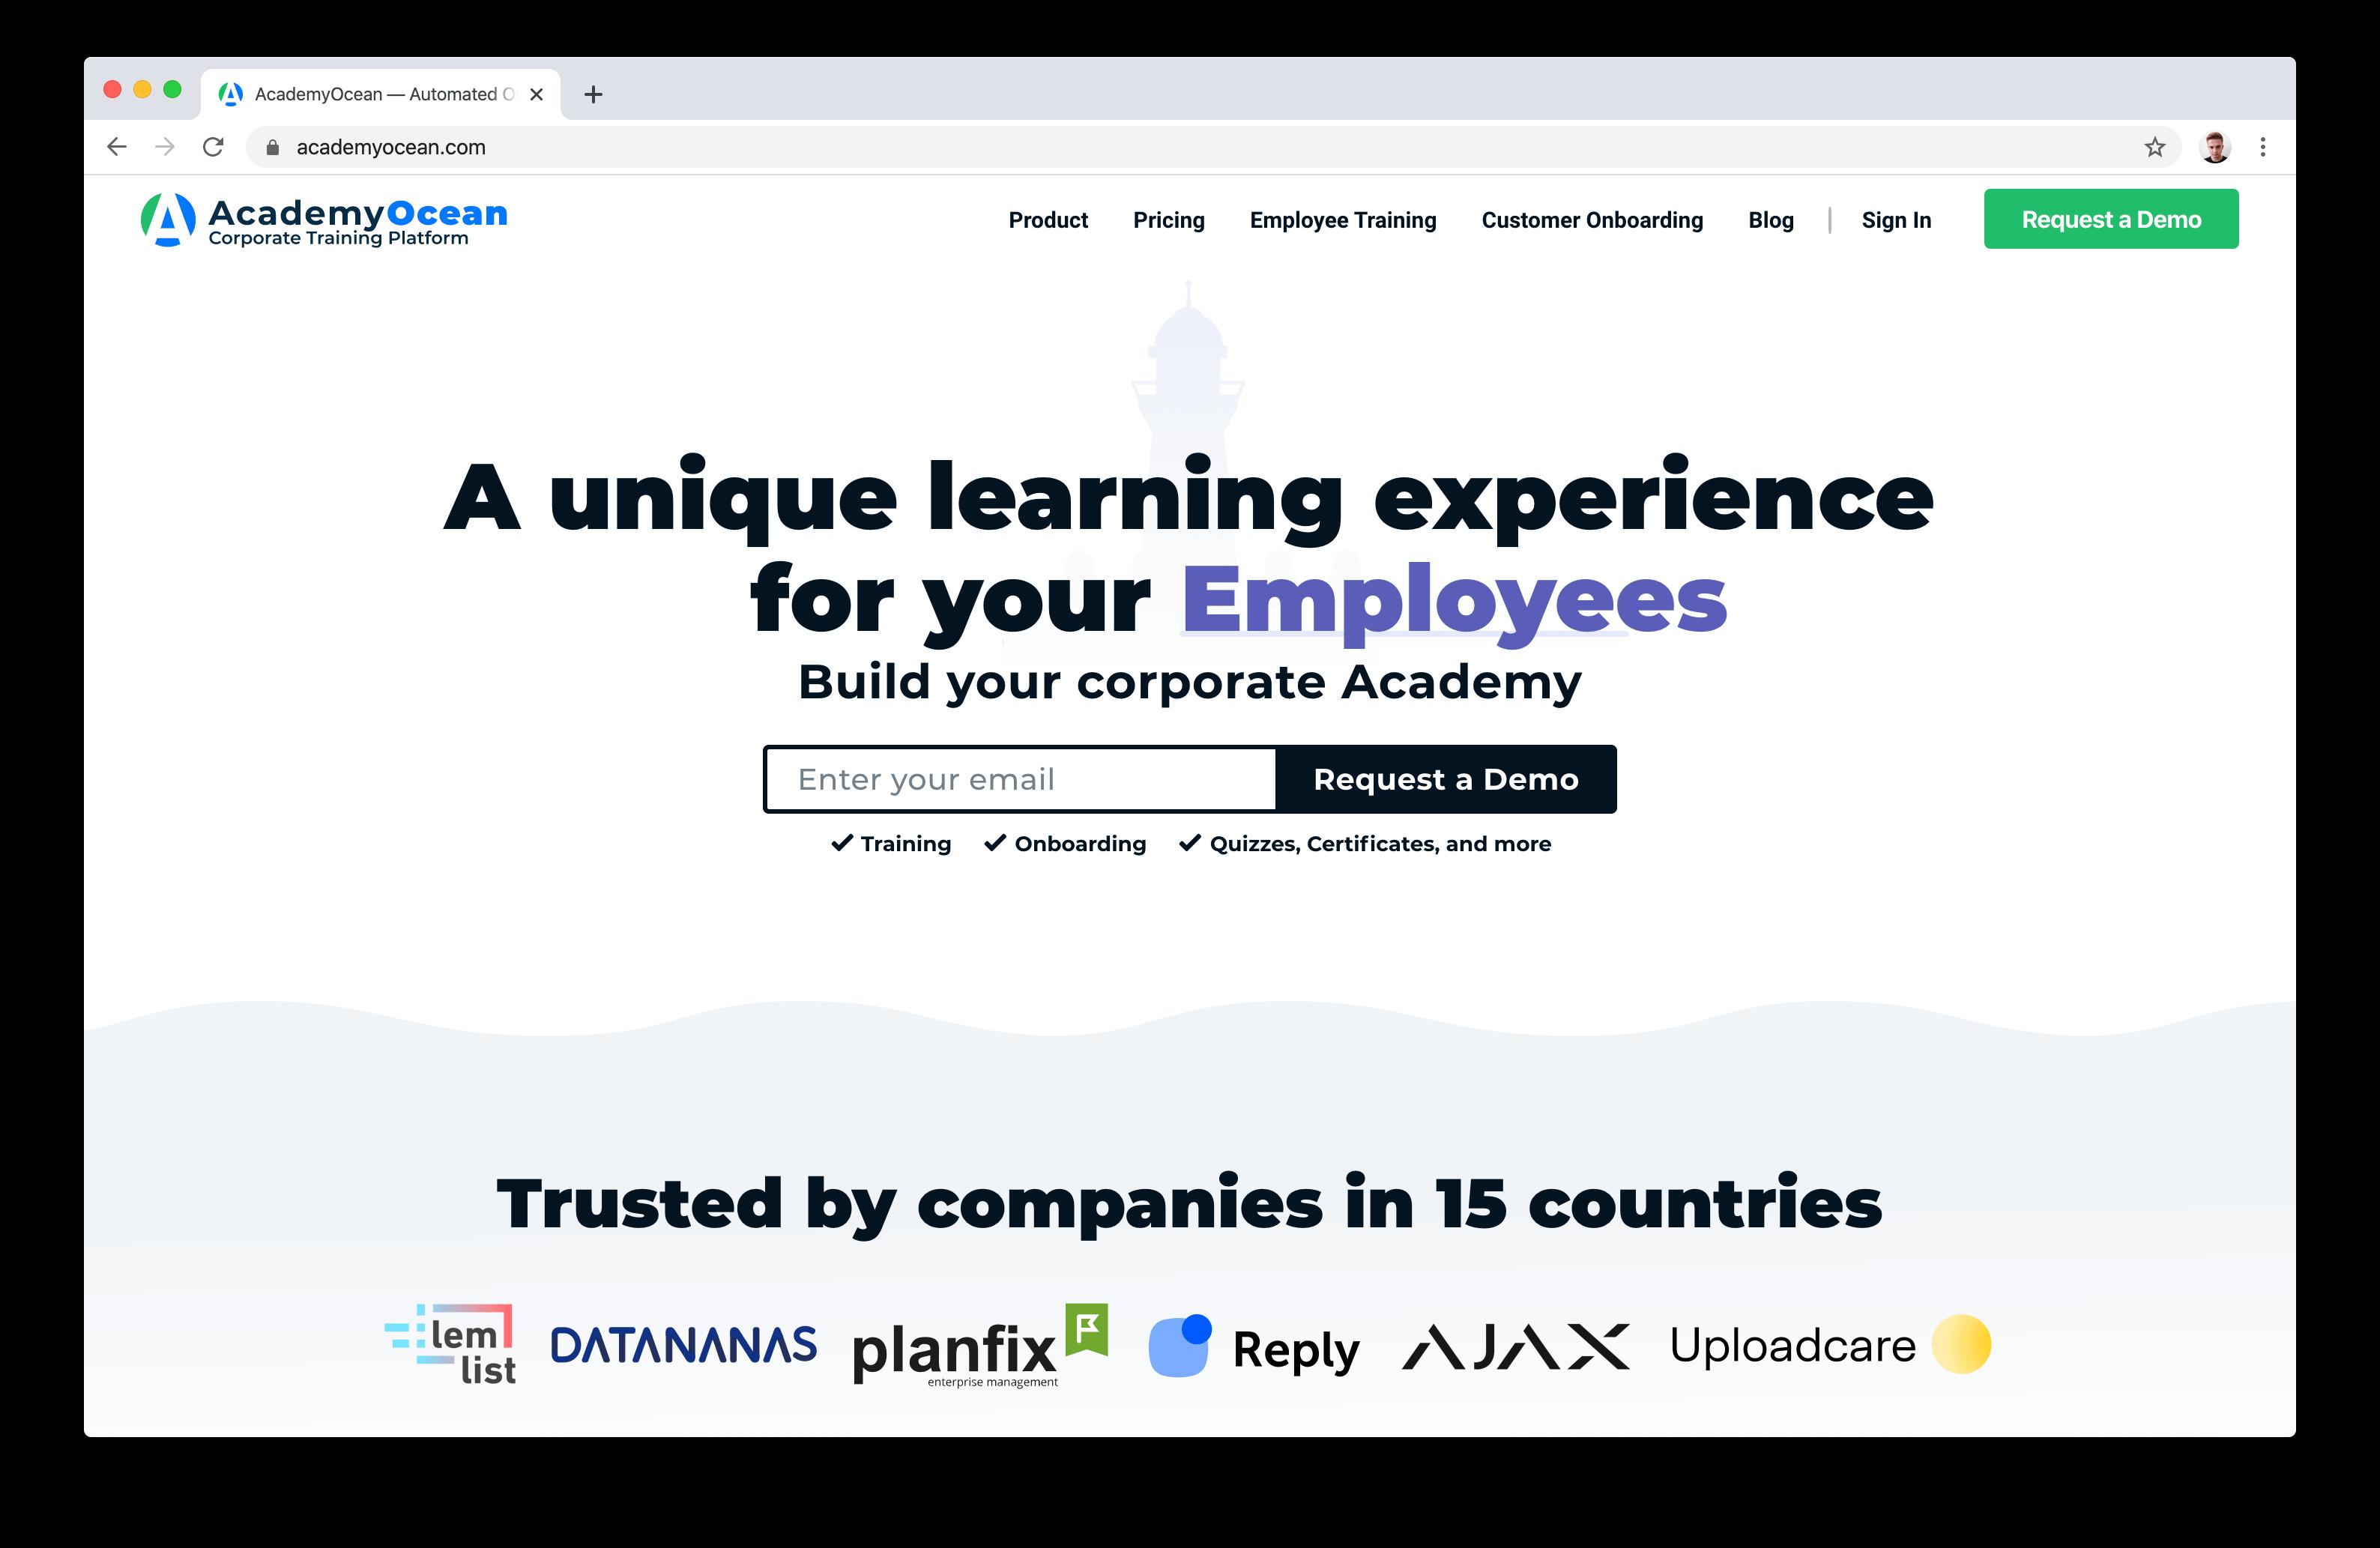 AcademyOcean home page